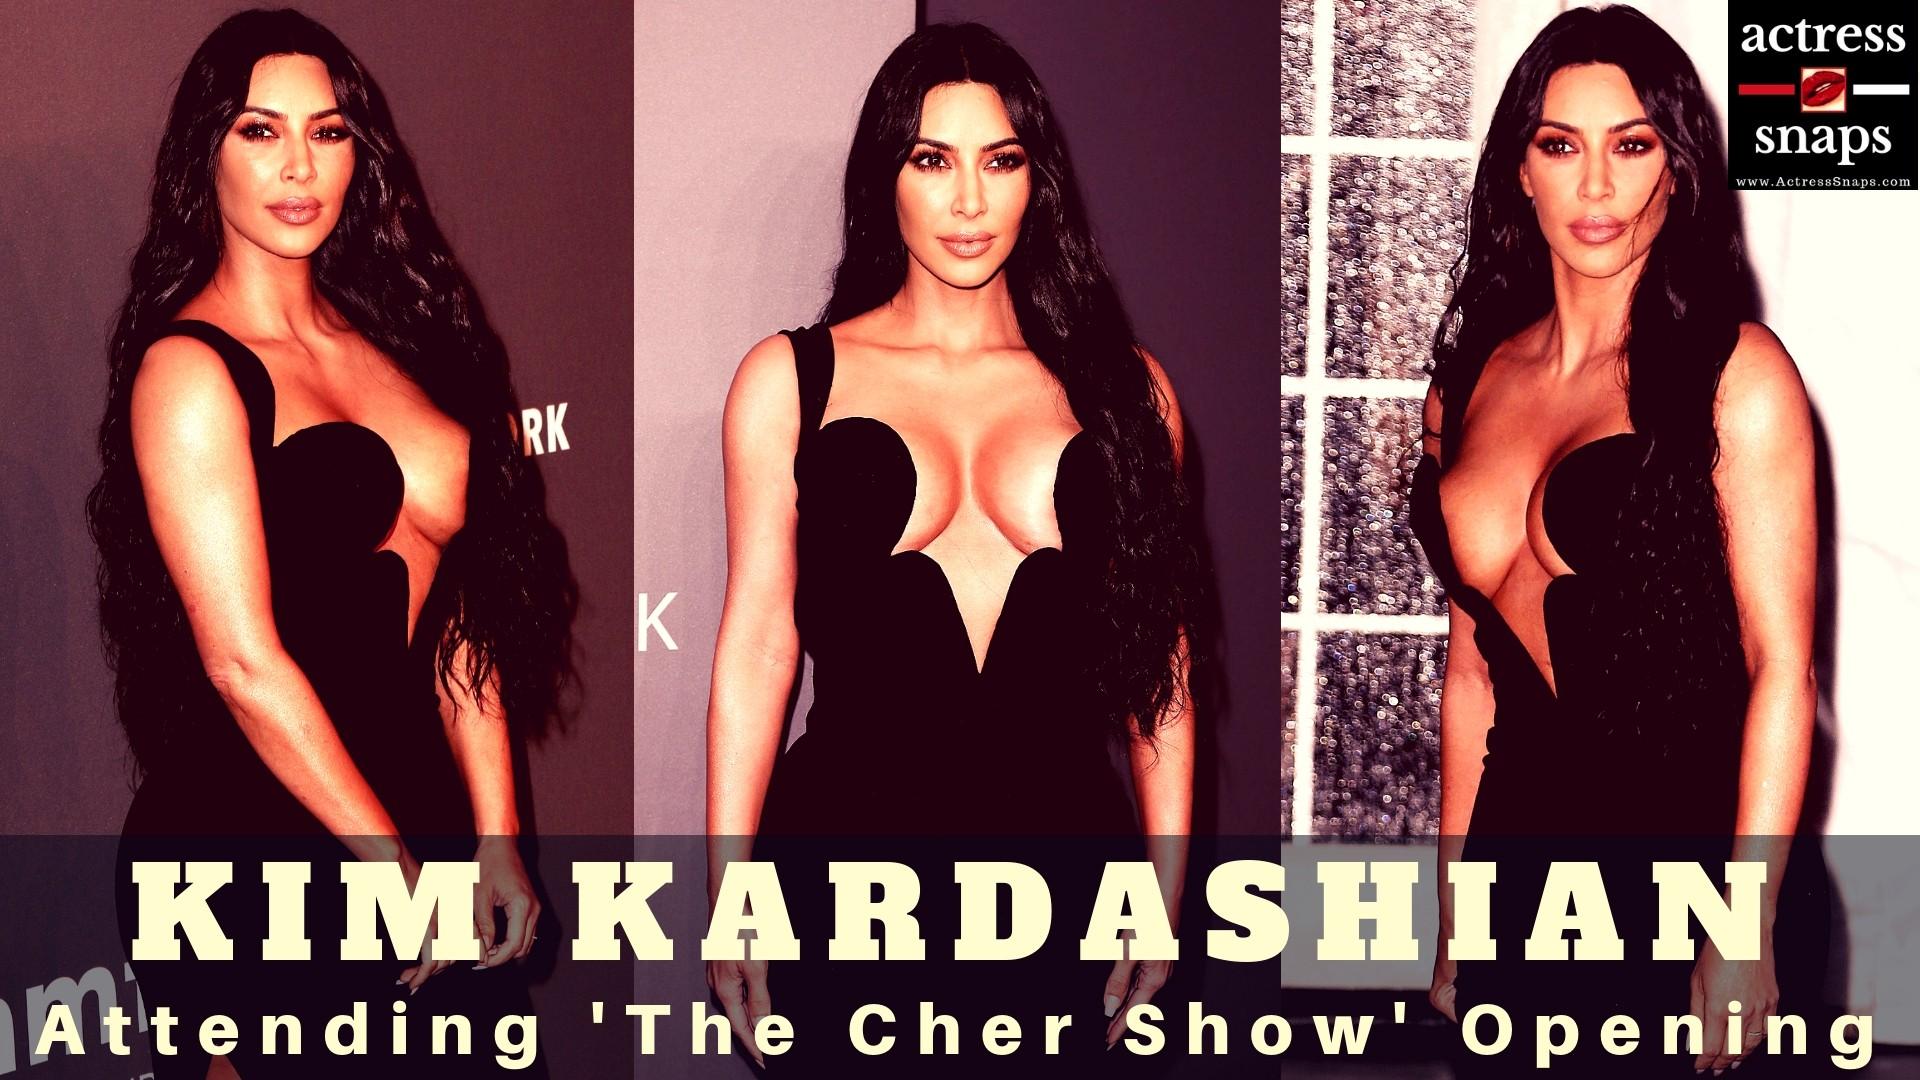 Kim Kardashian at amfAR 2019 Gala - Sexy Actress Pictures   Hot Actress Pictures - ActressSnaps.com